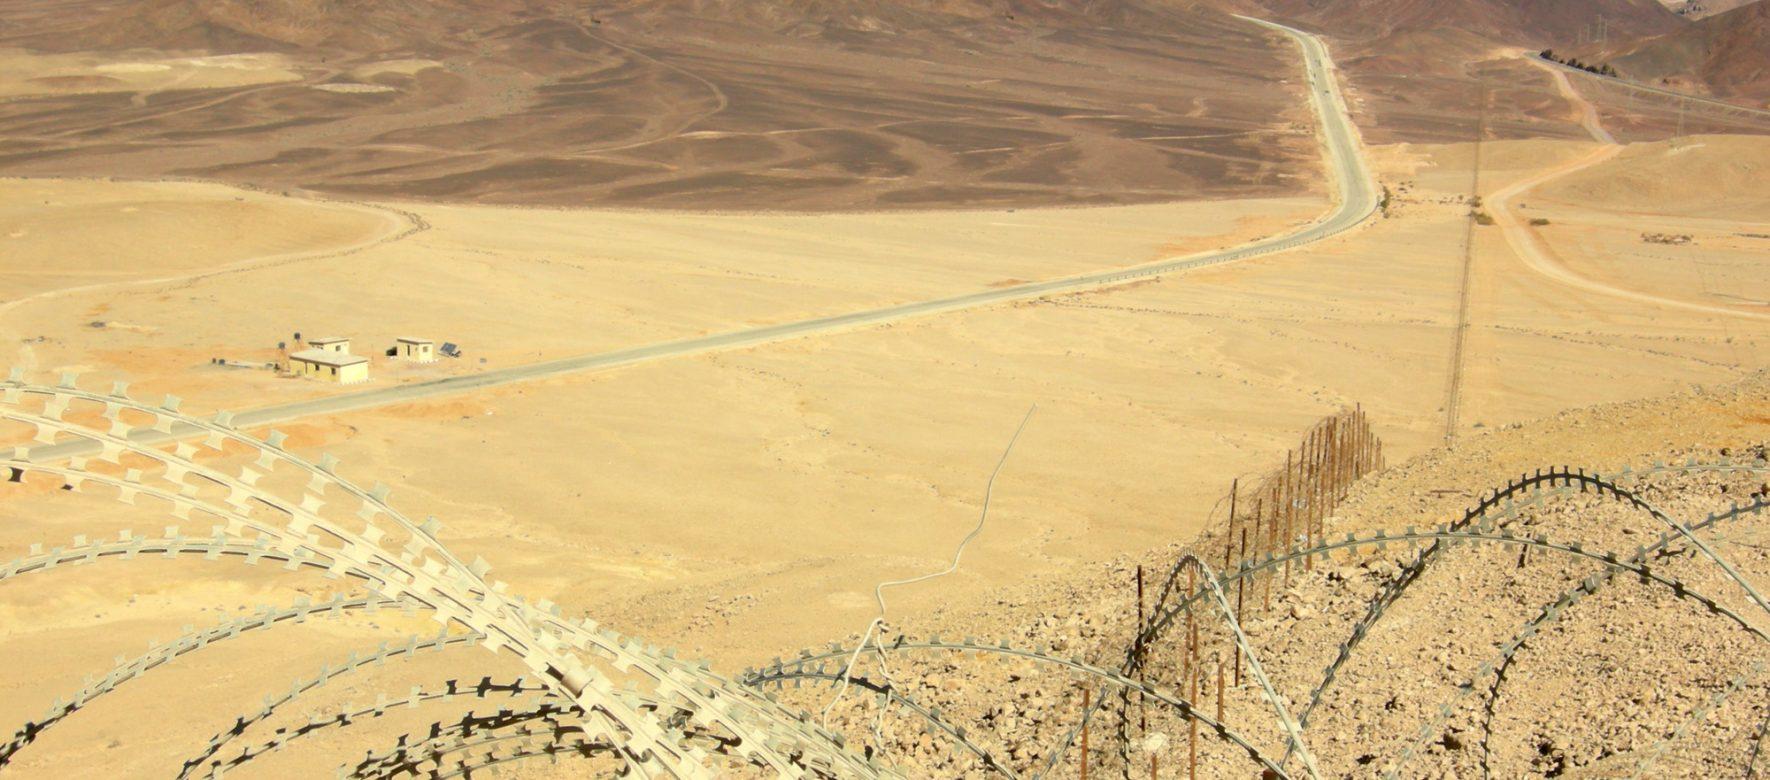 Vers un rapprochement diplomatique entre l'Egypte et Israël ?